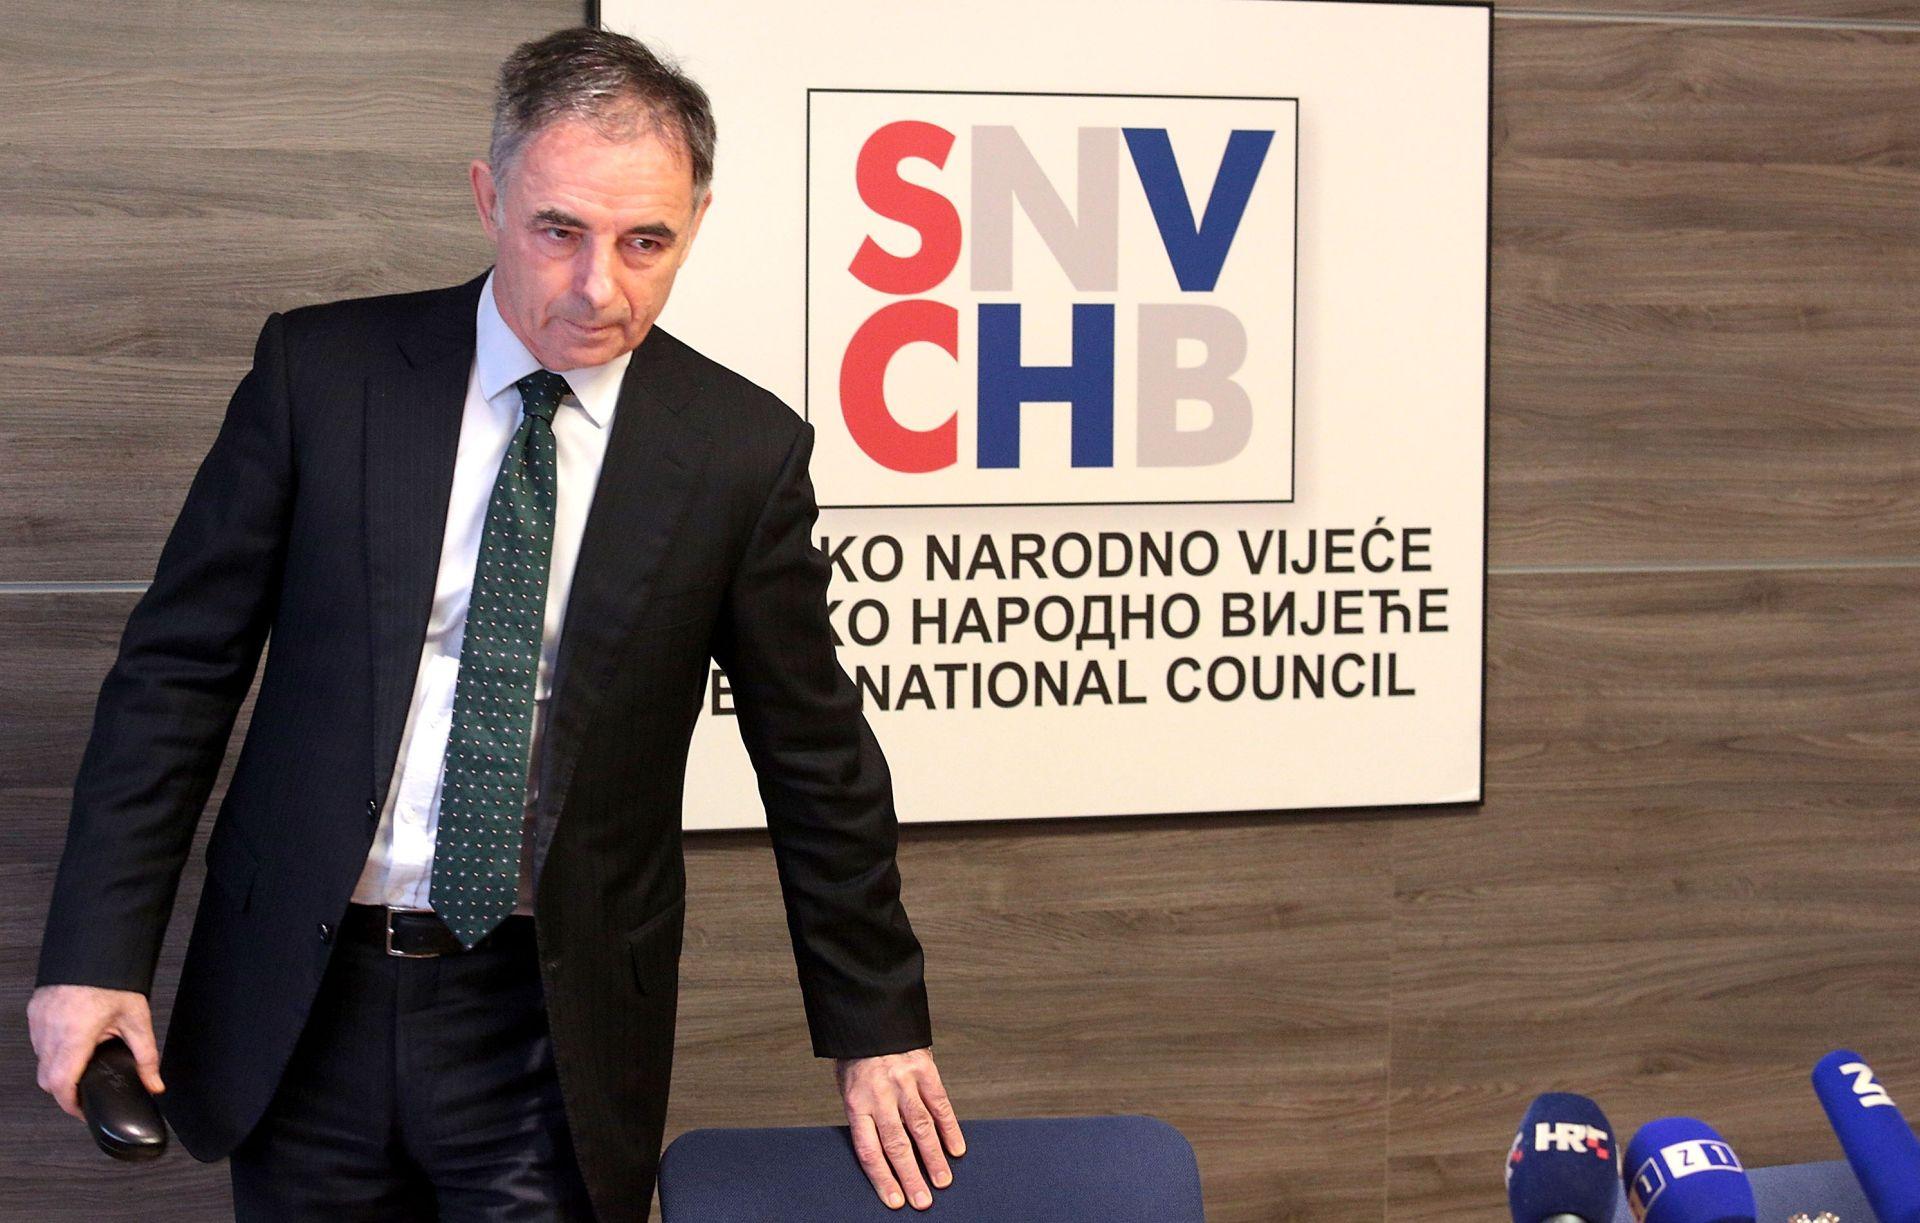 """""""NEZRELA ODLUKA"""": Nacionalno vijeće Srba protiv Pupovca, SNV ne poštuje dignitet žrtava Jasenovca"""